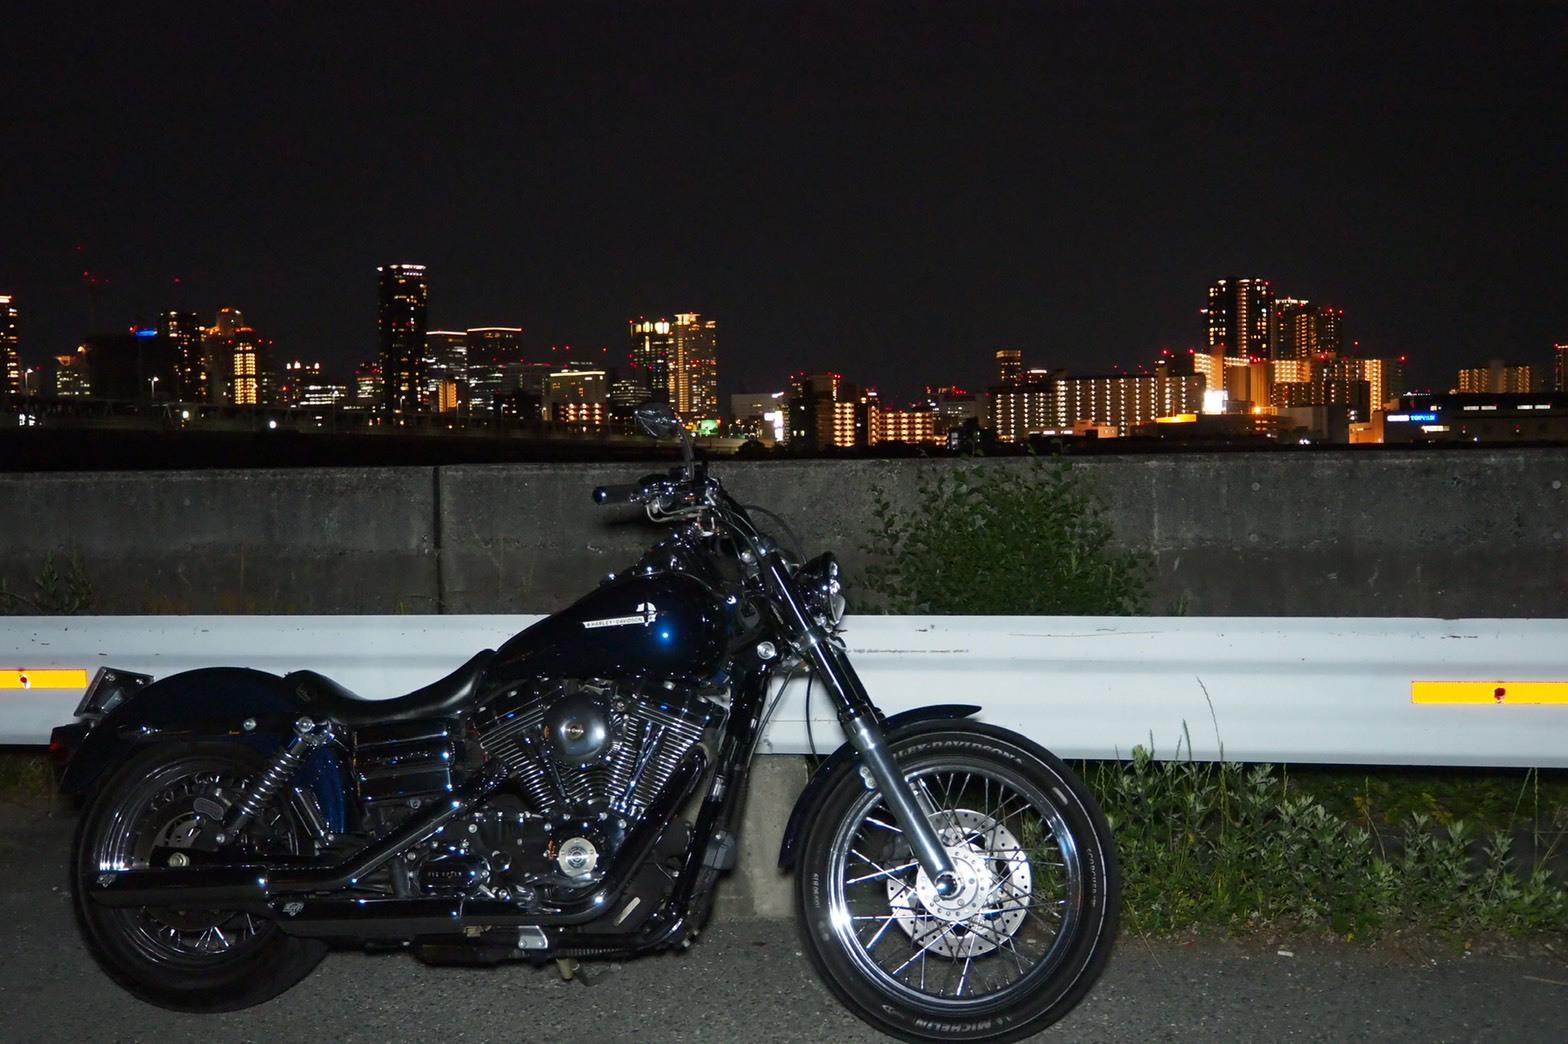 ぴーきち&ダイナ ハーレーブログ 大阪ツーリング ナイトバージョン 市内の夜景